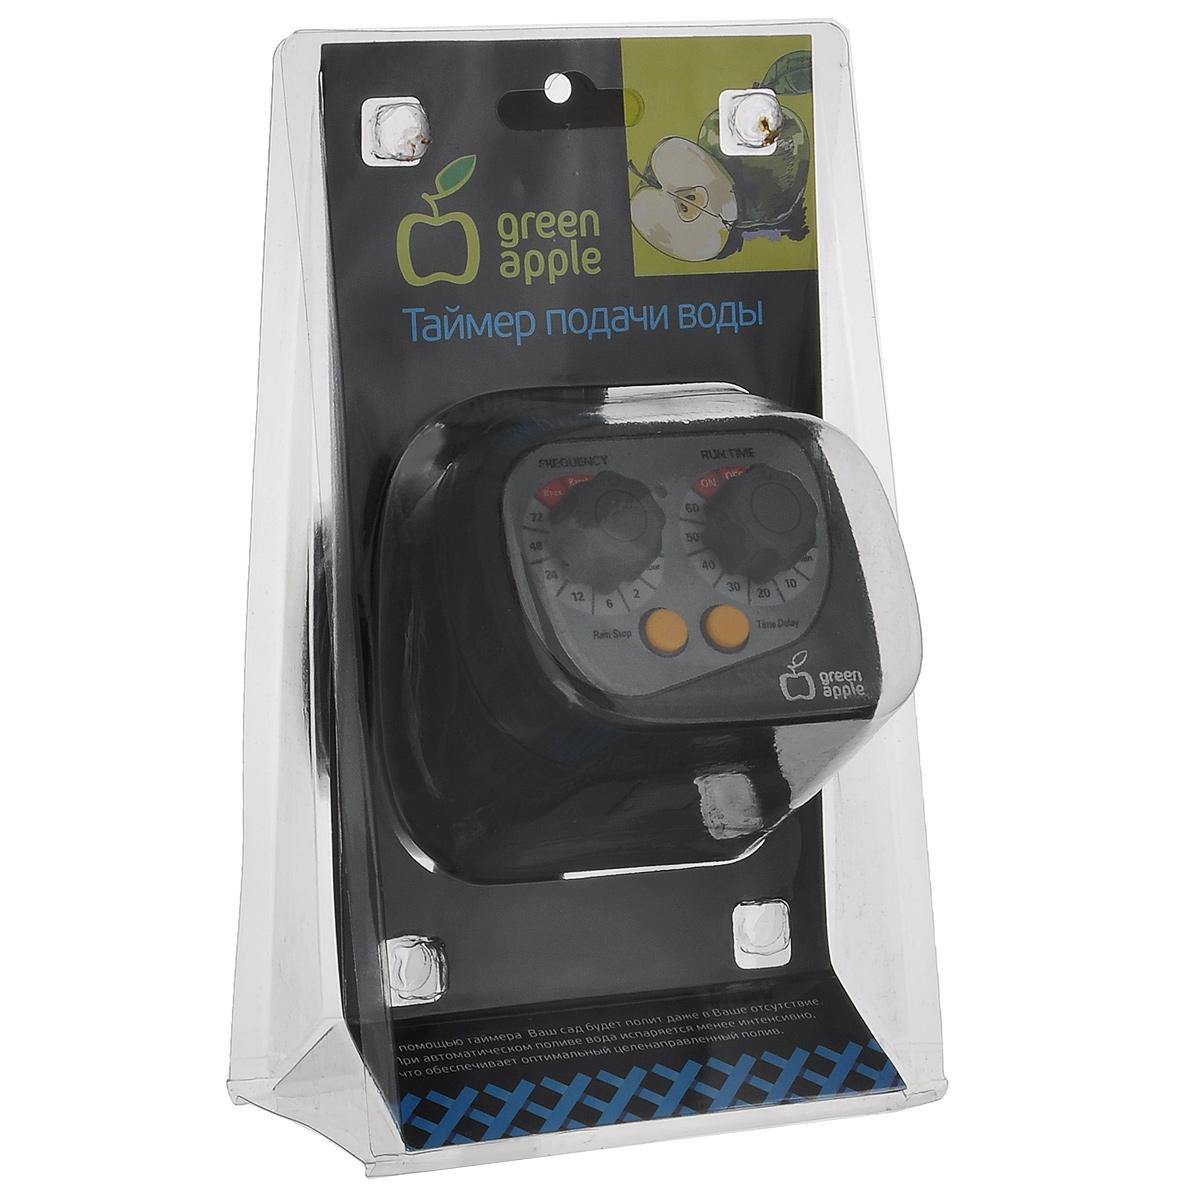 Таймер для подачи воды Green Apple, с механическим дисплеем, цвет: серыйGWTE5-068С помощью таймера Green Apple ваш сад будет полит даже в ваше отсутствие. При автоматическом поливе вода испаряется менее интенсивно, что обеспечивает оптимальный целенаправленный полив. Таймер снабжен механическим управлением для автоматизации полива с возможностью программирования частоты включения и времени подачи воды. Размер таймера: 9 см х 15 см х 8 см. Частота полива: 1 минута - 72 часа; неделя. Время работы: 5 секунд - 60 минут; бесконечно.